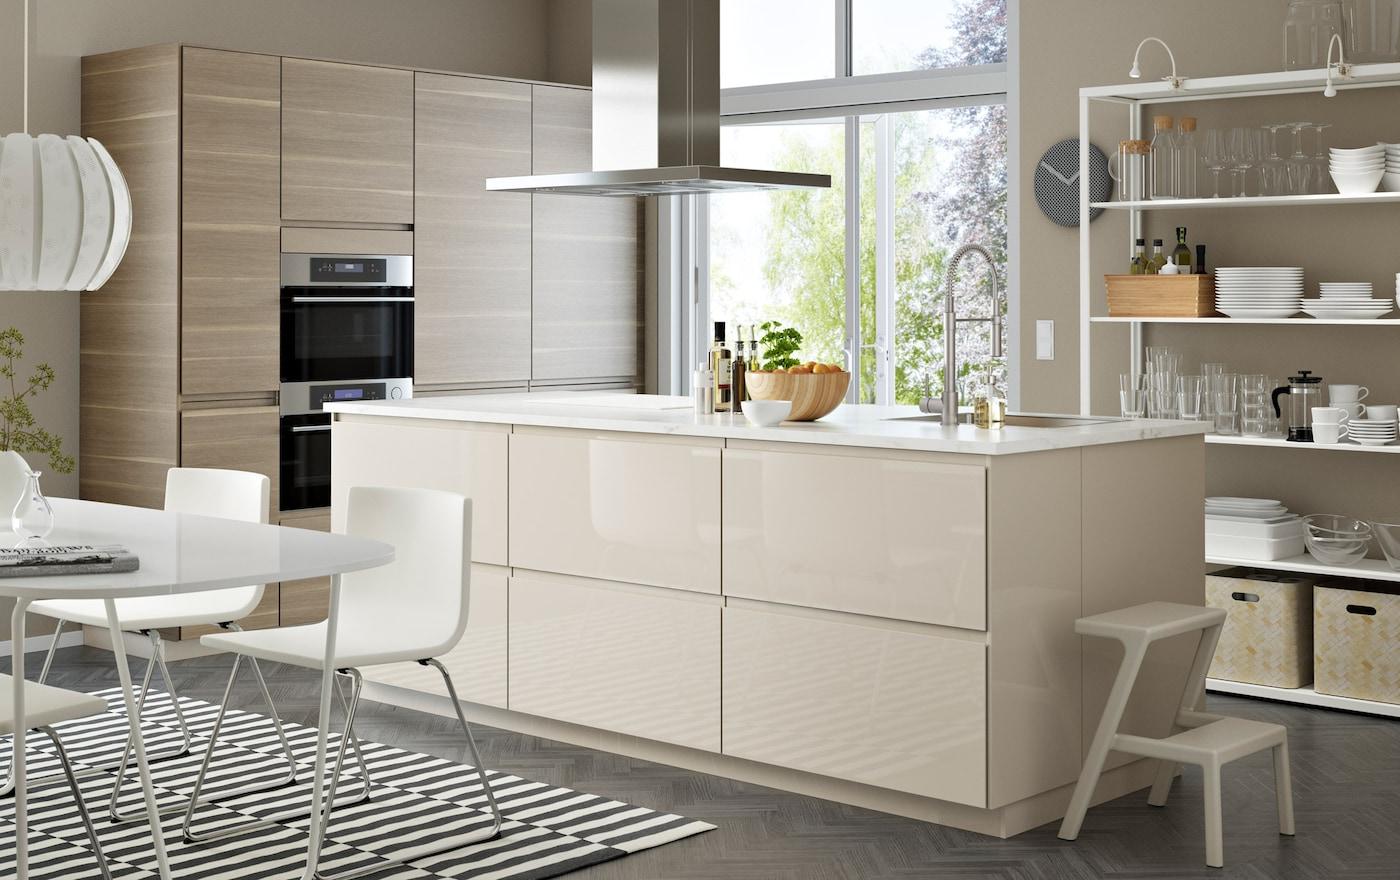 Inspiration für deine küche u ikea ikea